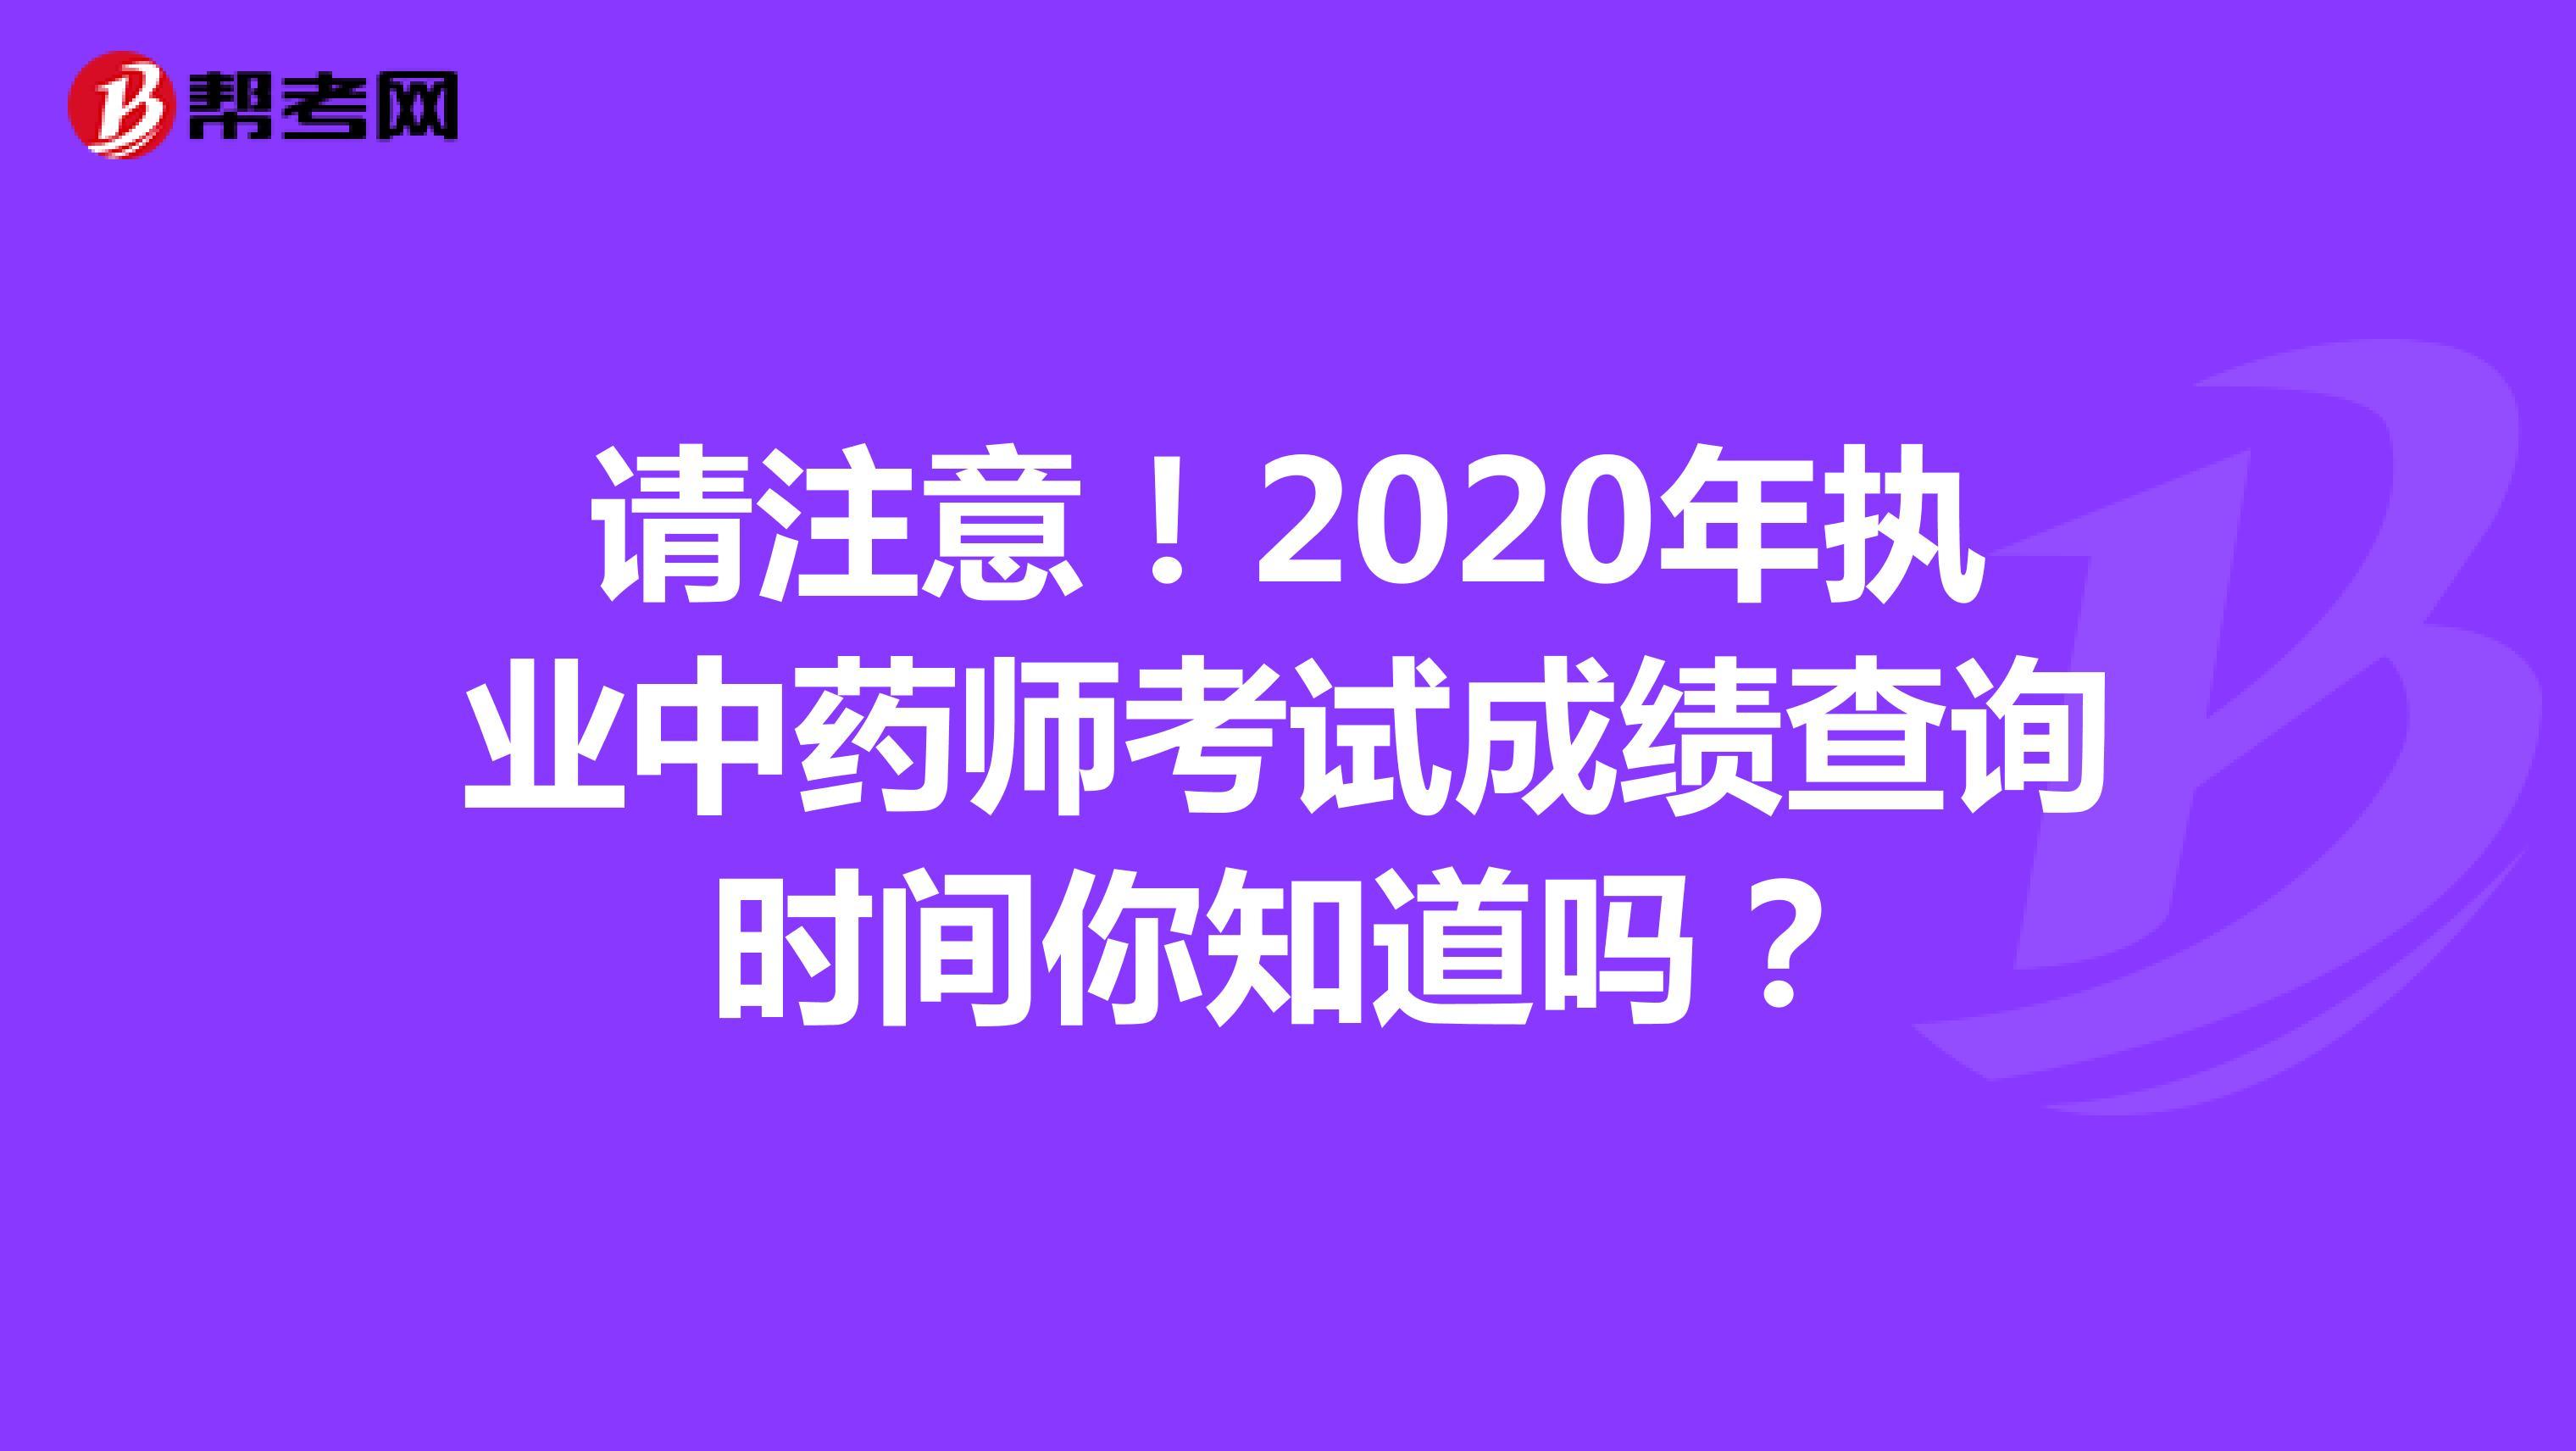 請注意!2020年執業中藥師考試成績查詢時間你知道嗎?